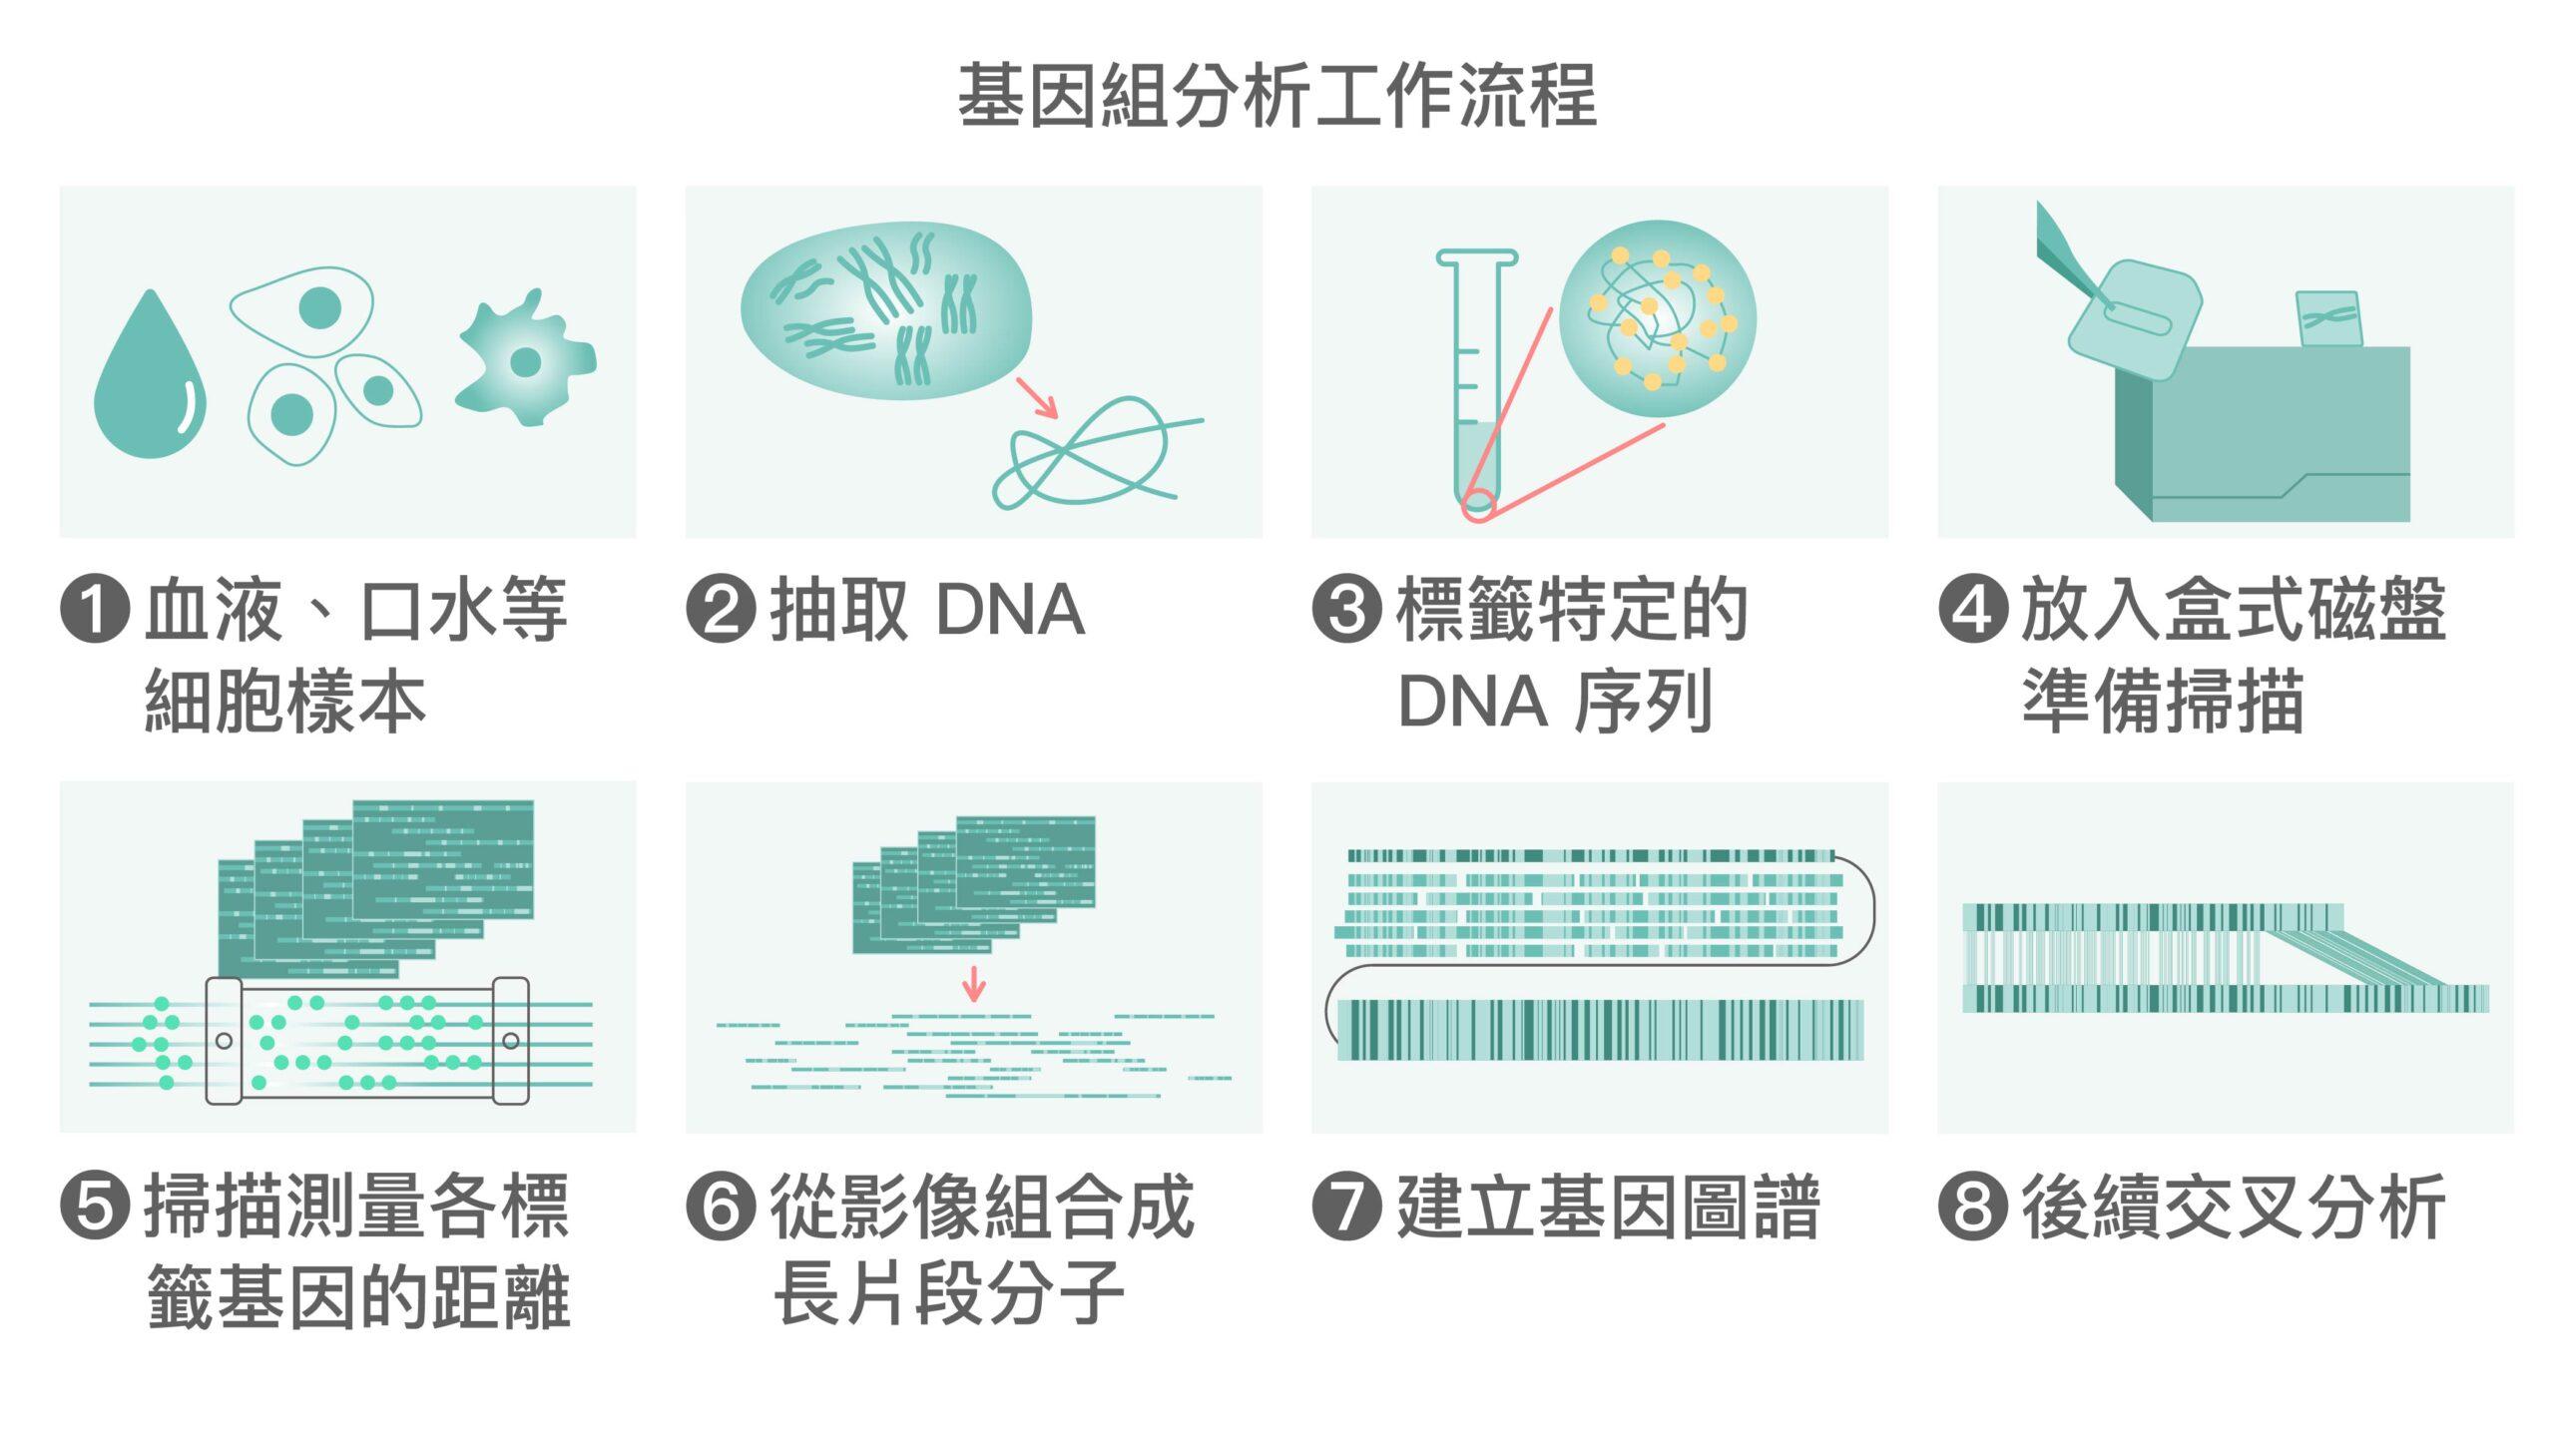 全基因體圖譜繪製流程。圖│研之有物 (資料來源│Vilella Genomics)